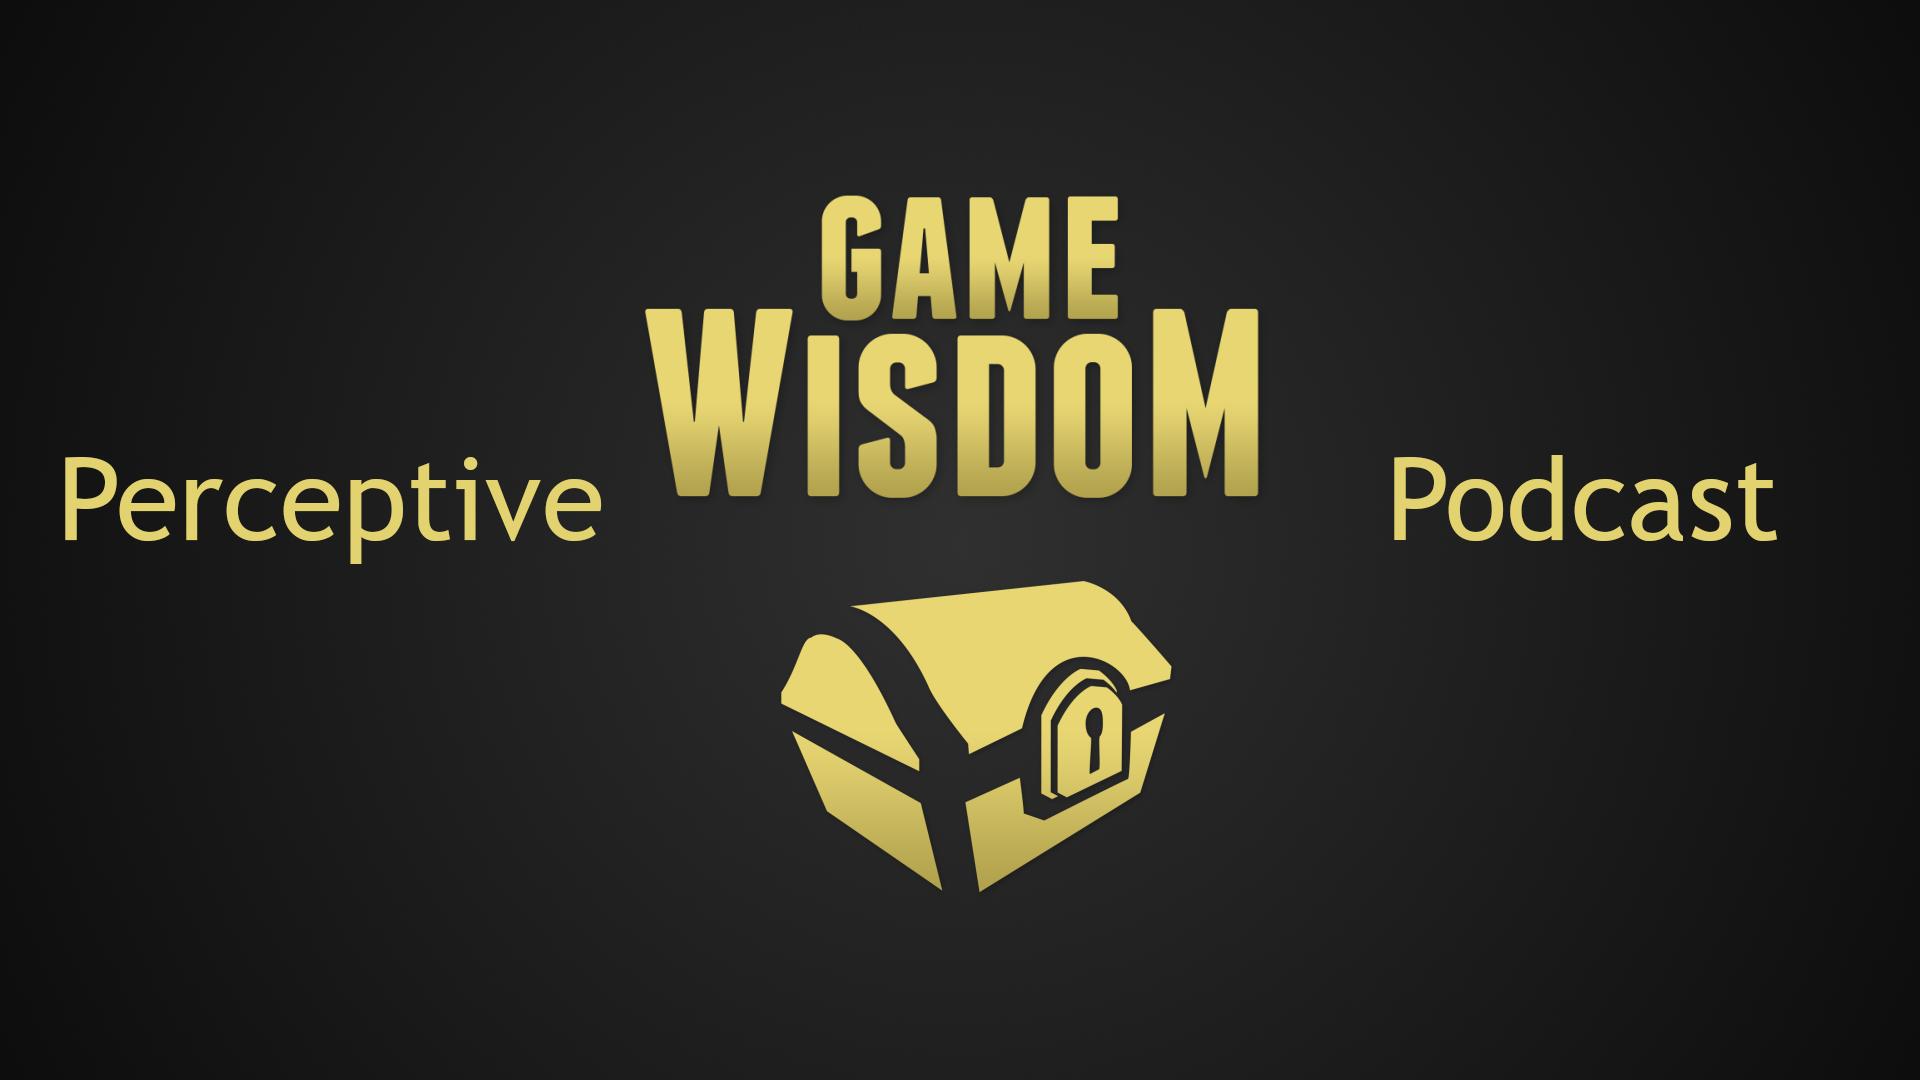 Game Wisdom